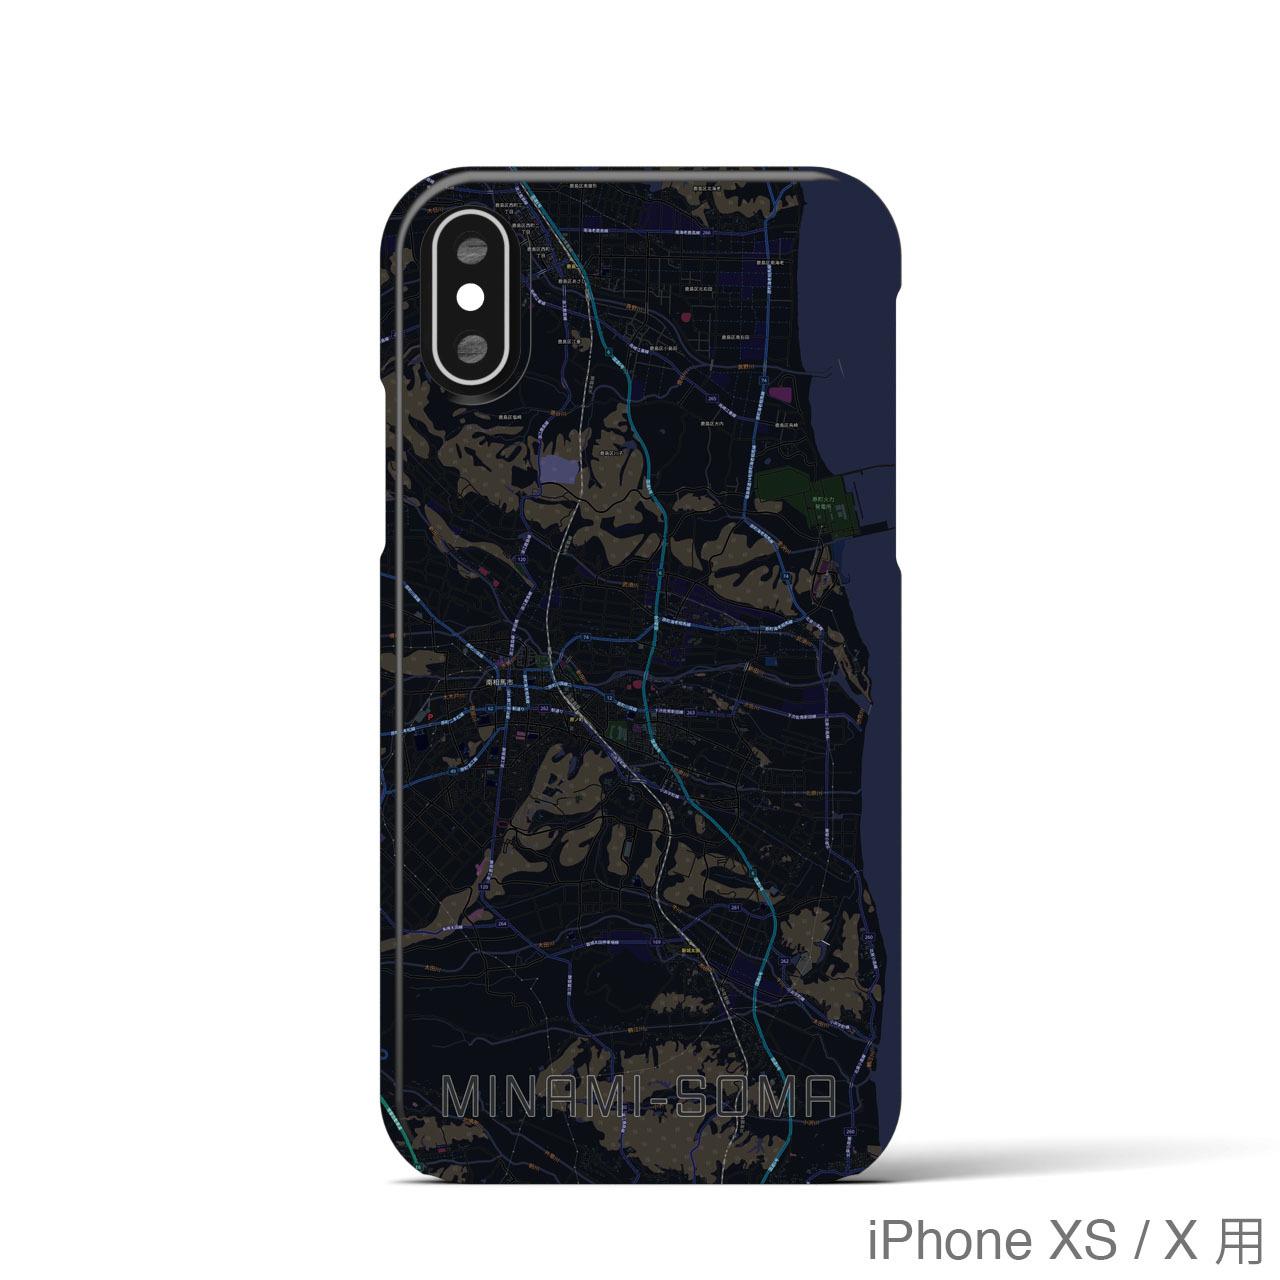 【南相馬】地図柄iPhoneケース(バックカバータイプ・ブラック)